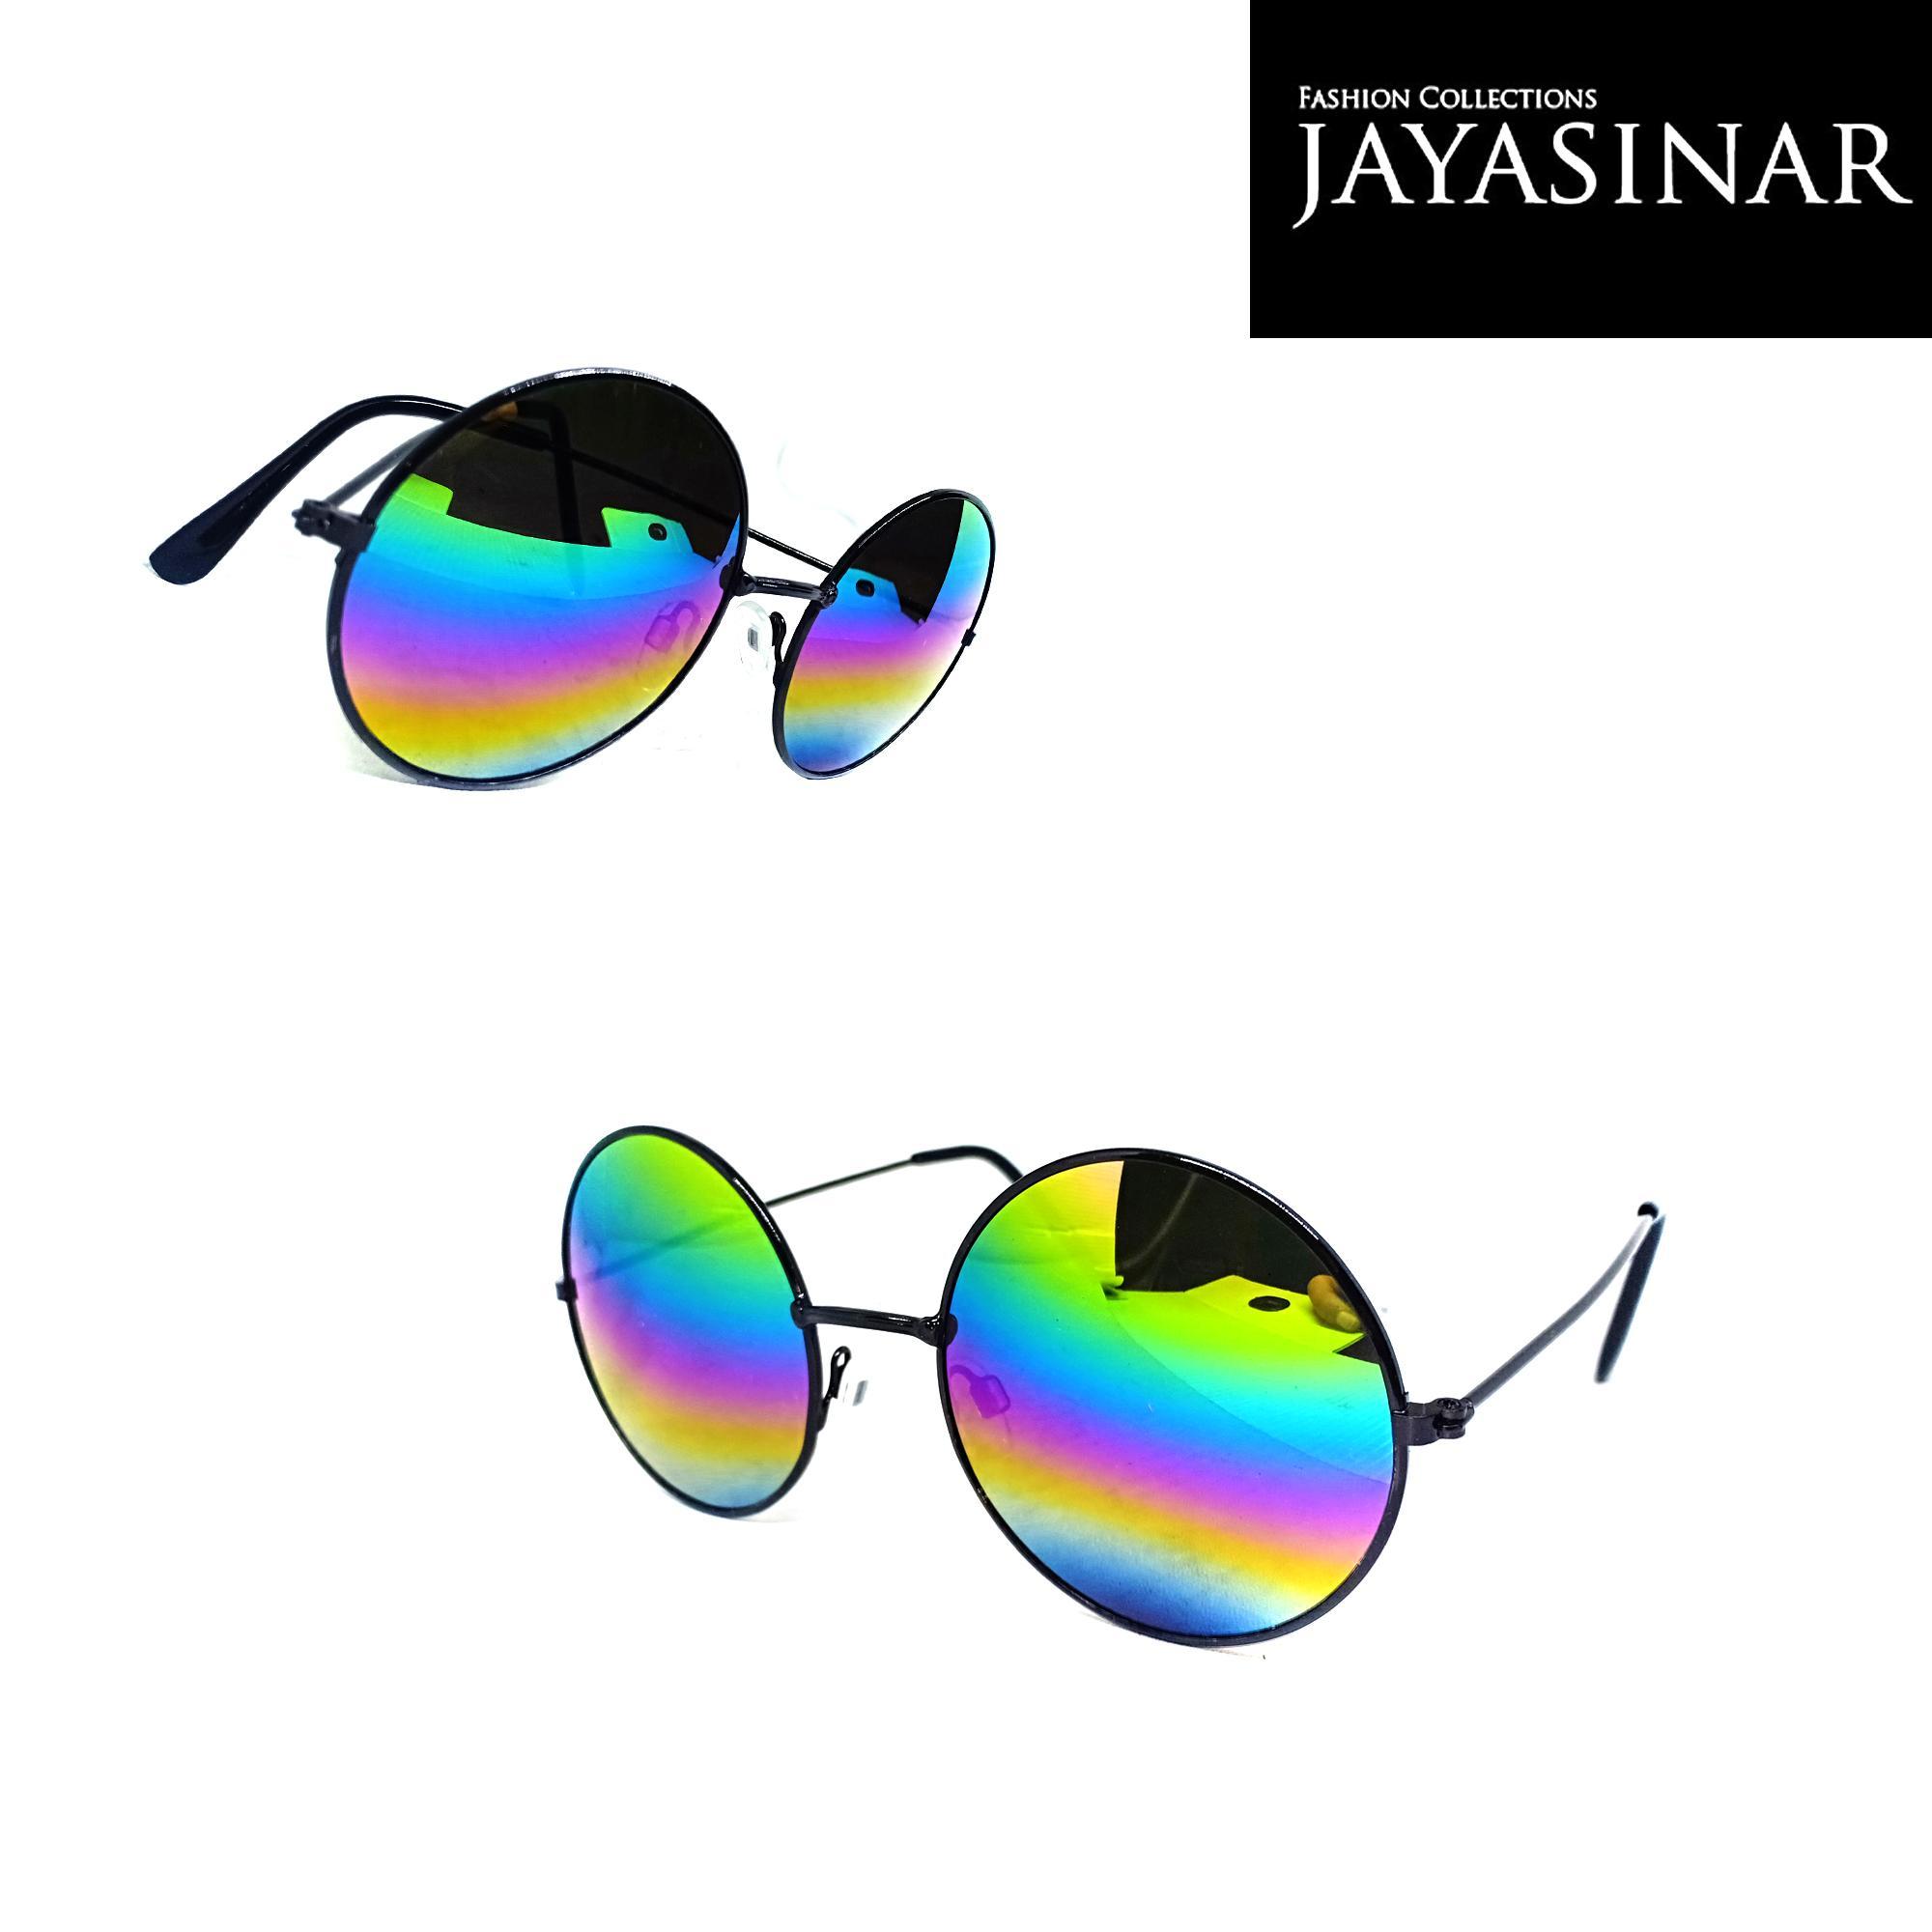 Kacamata Hitam Full Bulat Boboho/Kacamata Gaya/Kacamata Fashion-01477C-JY